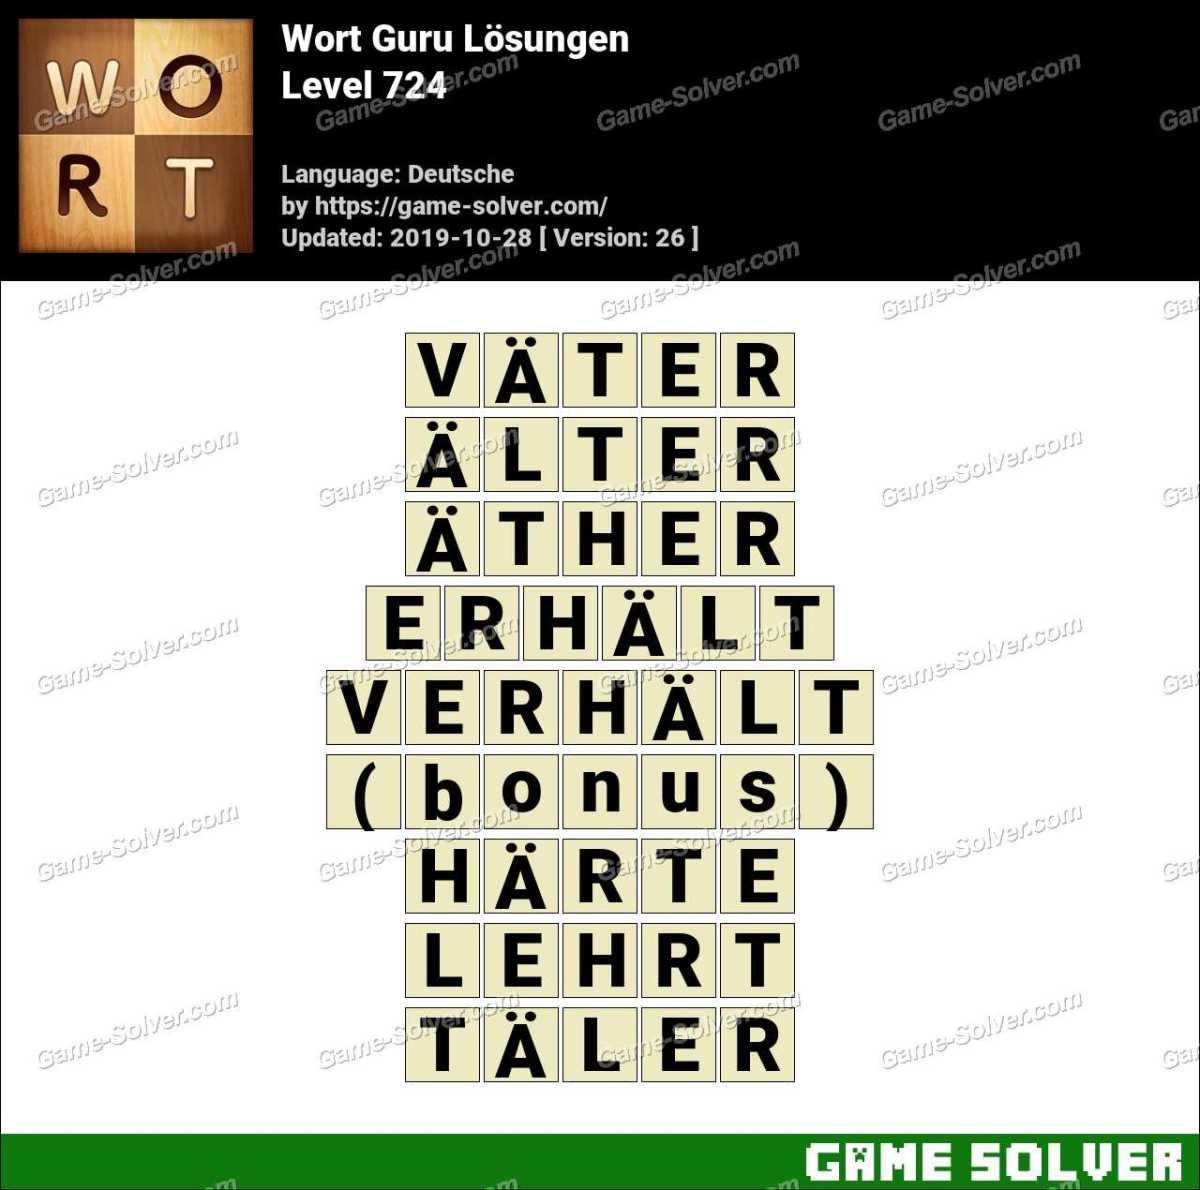 Wort Guru Level 724 Lösungen